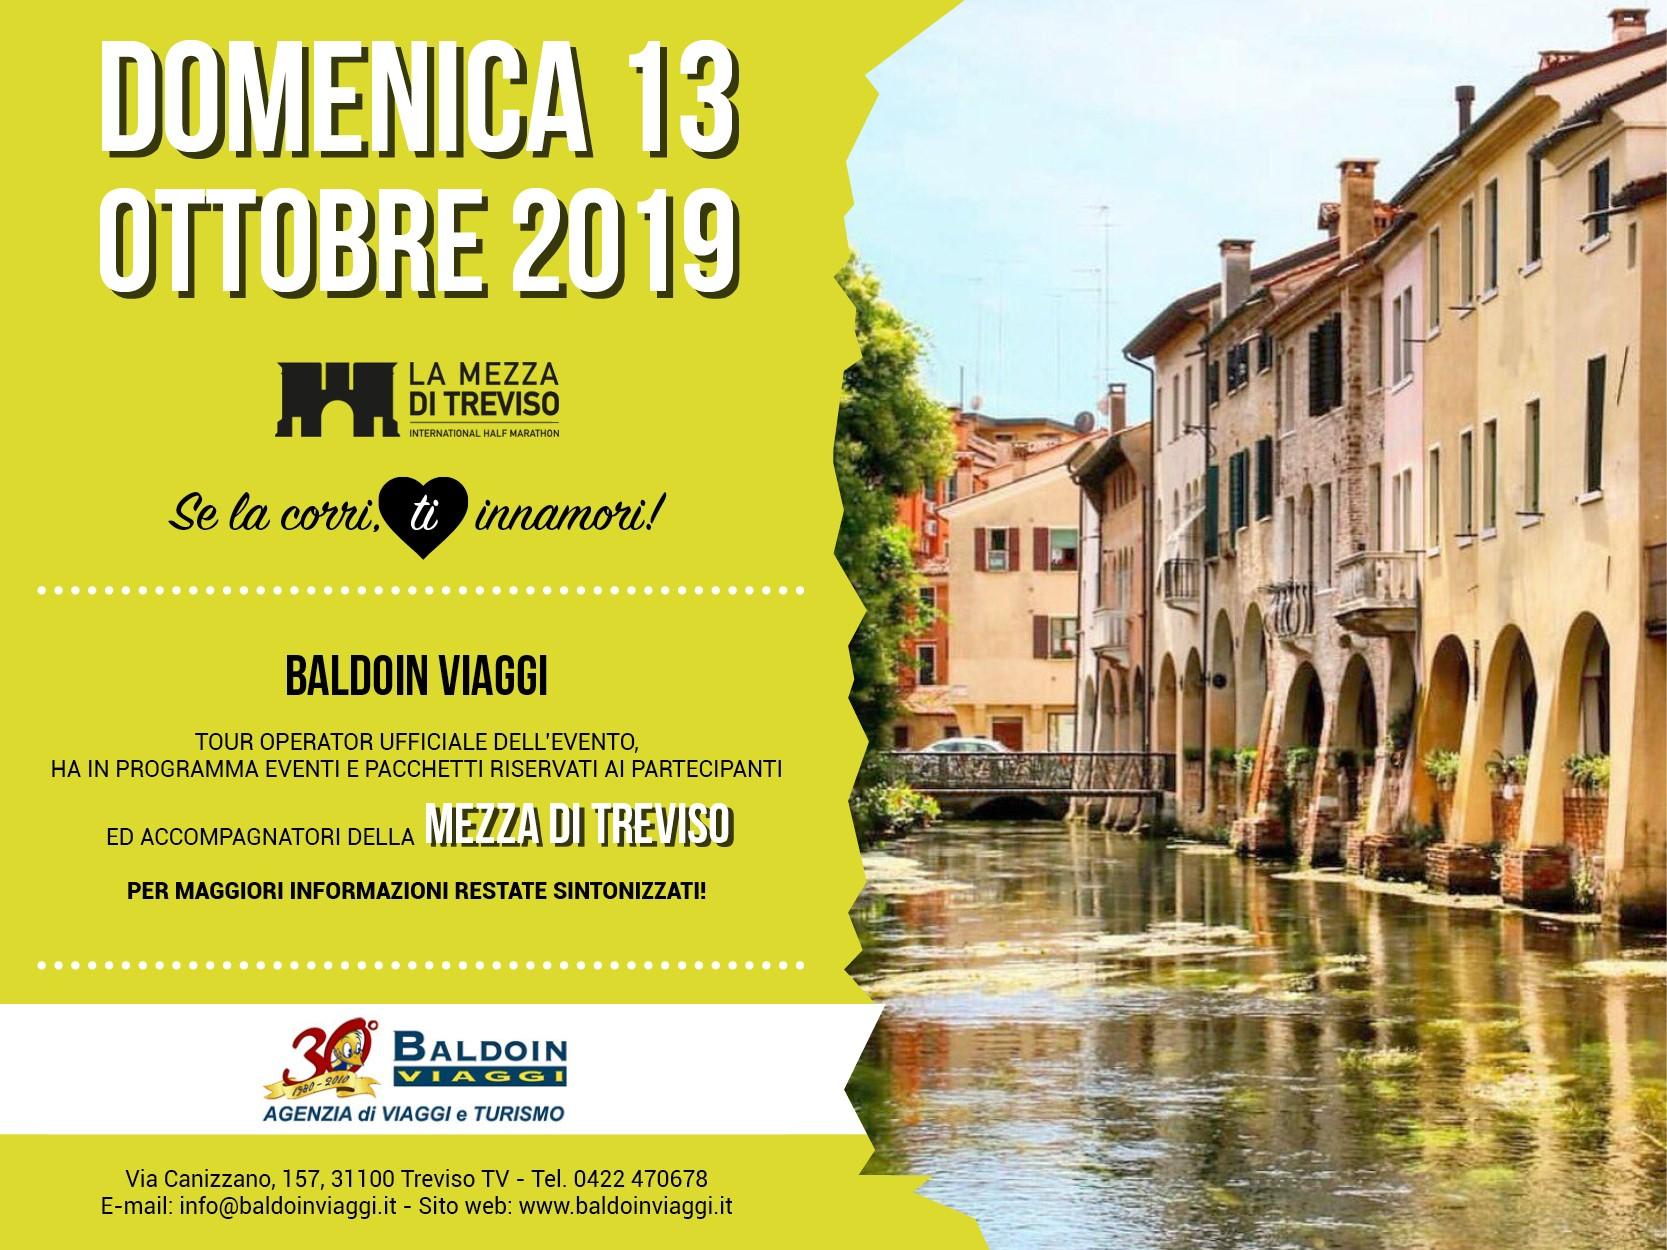 LA MEZZA TREVISO - 13 ottobre La Mezza Treviso riempie la città!